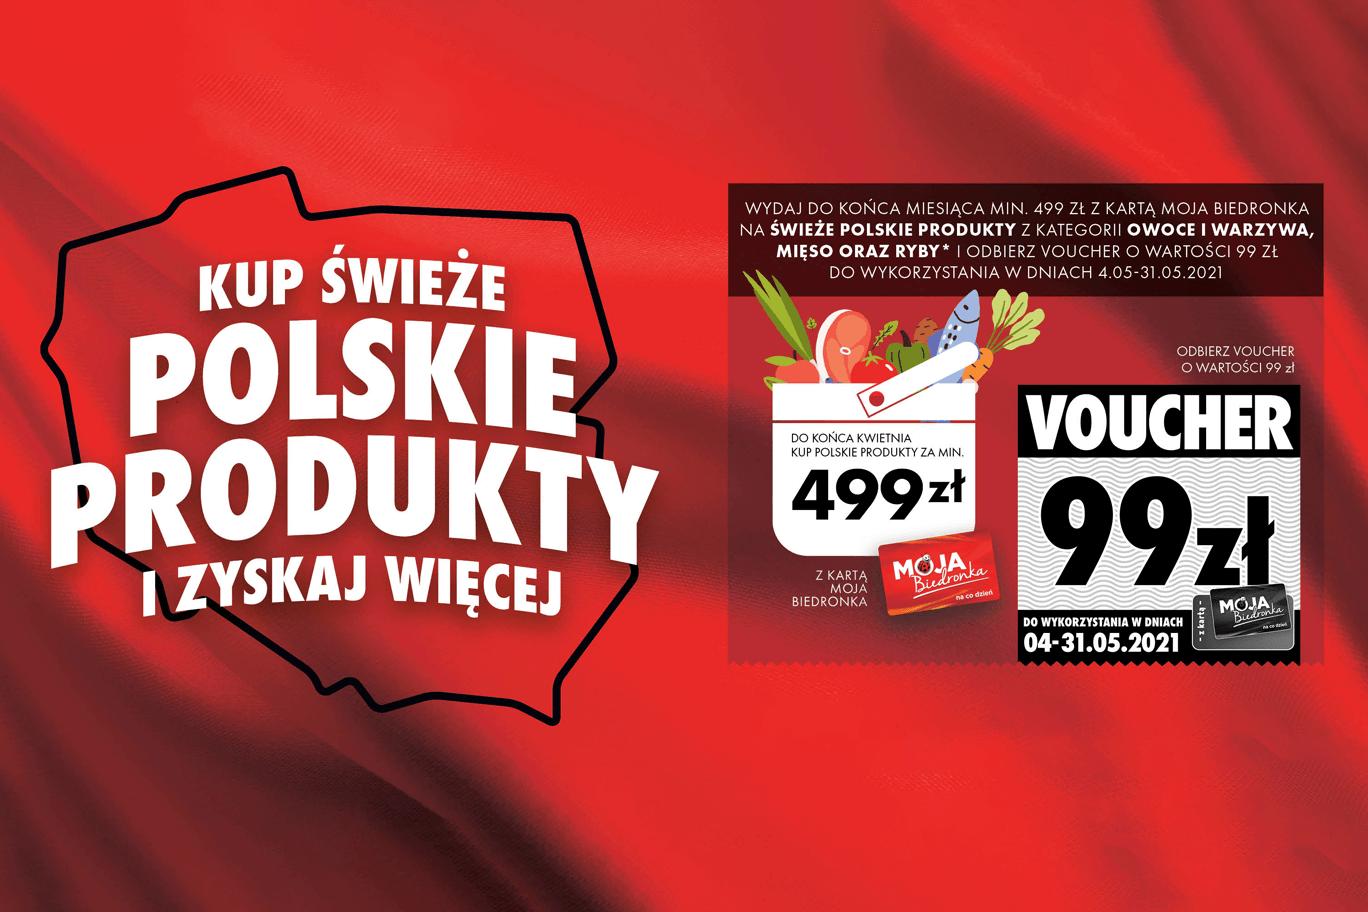 Kupuj polskie produkty w Biedronce i odbierz voucher na darmowe zakupy